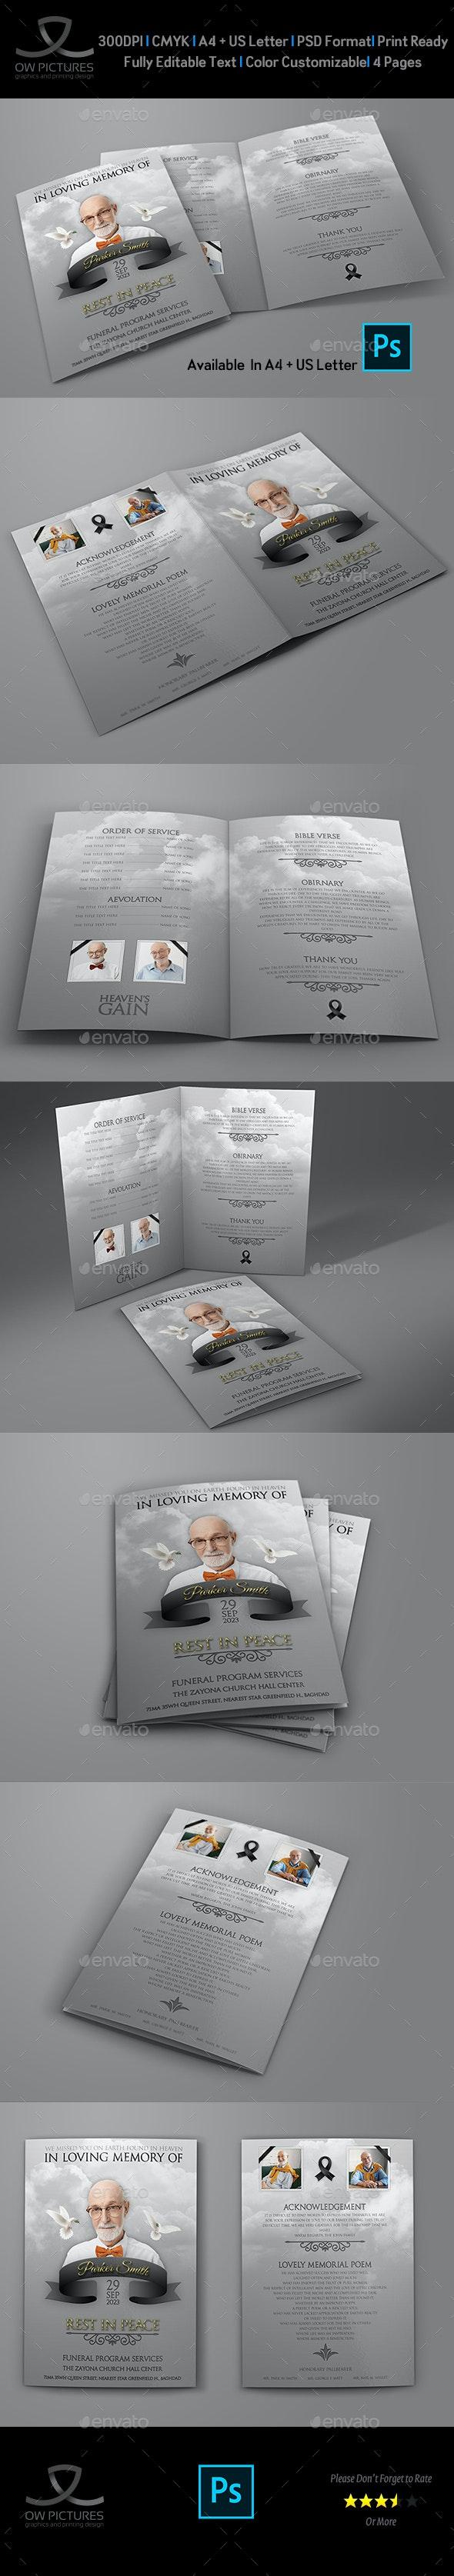 Memorial and Funeral Program Bi Fold Brochure Template - Brochures Print Templates